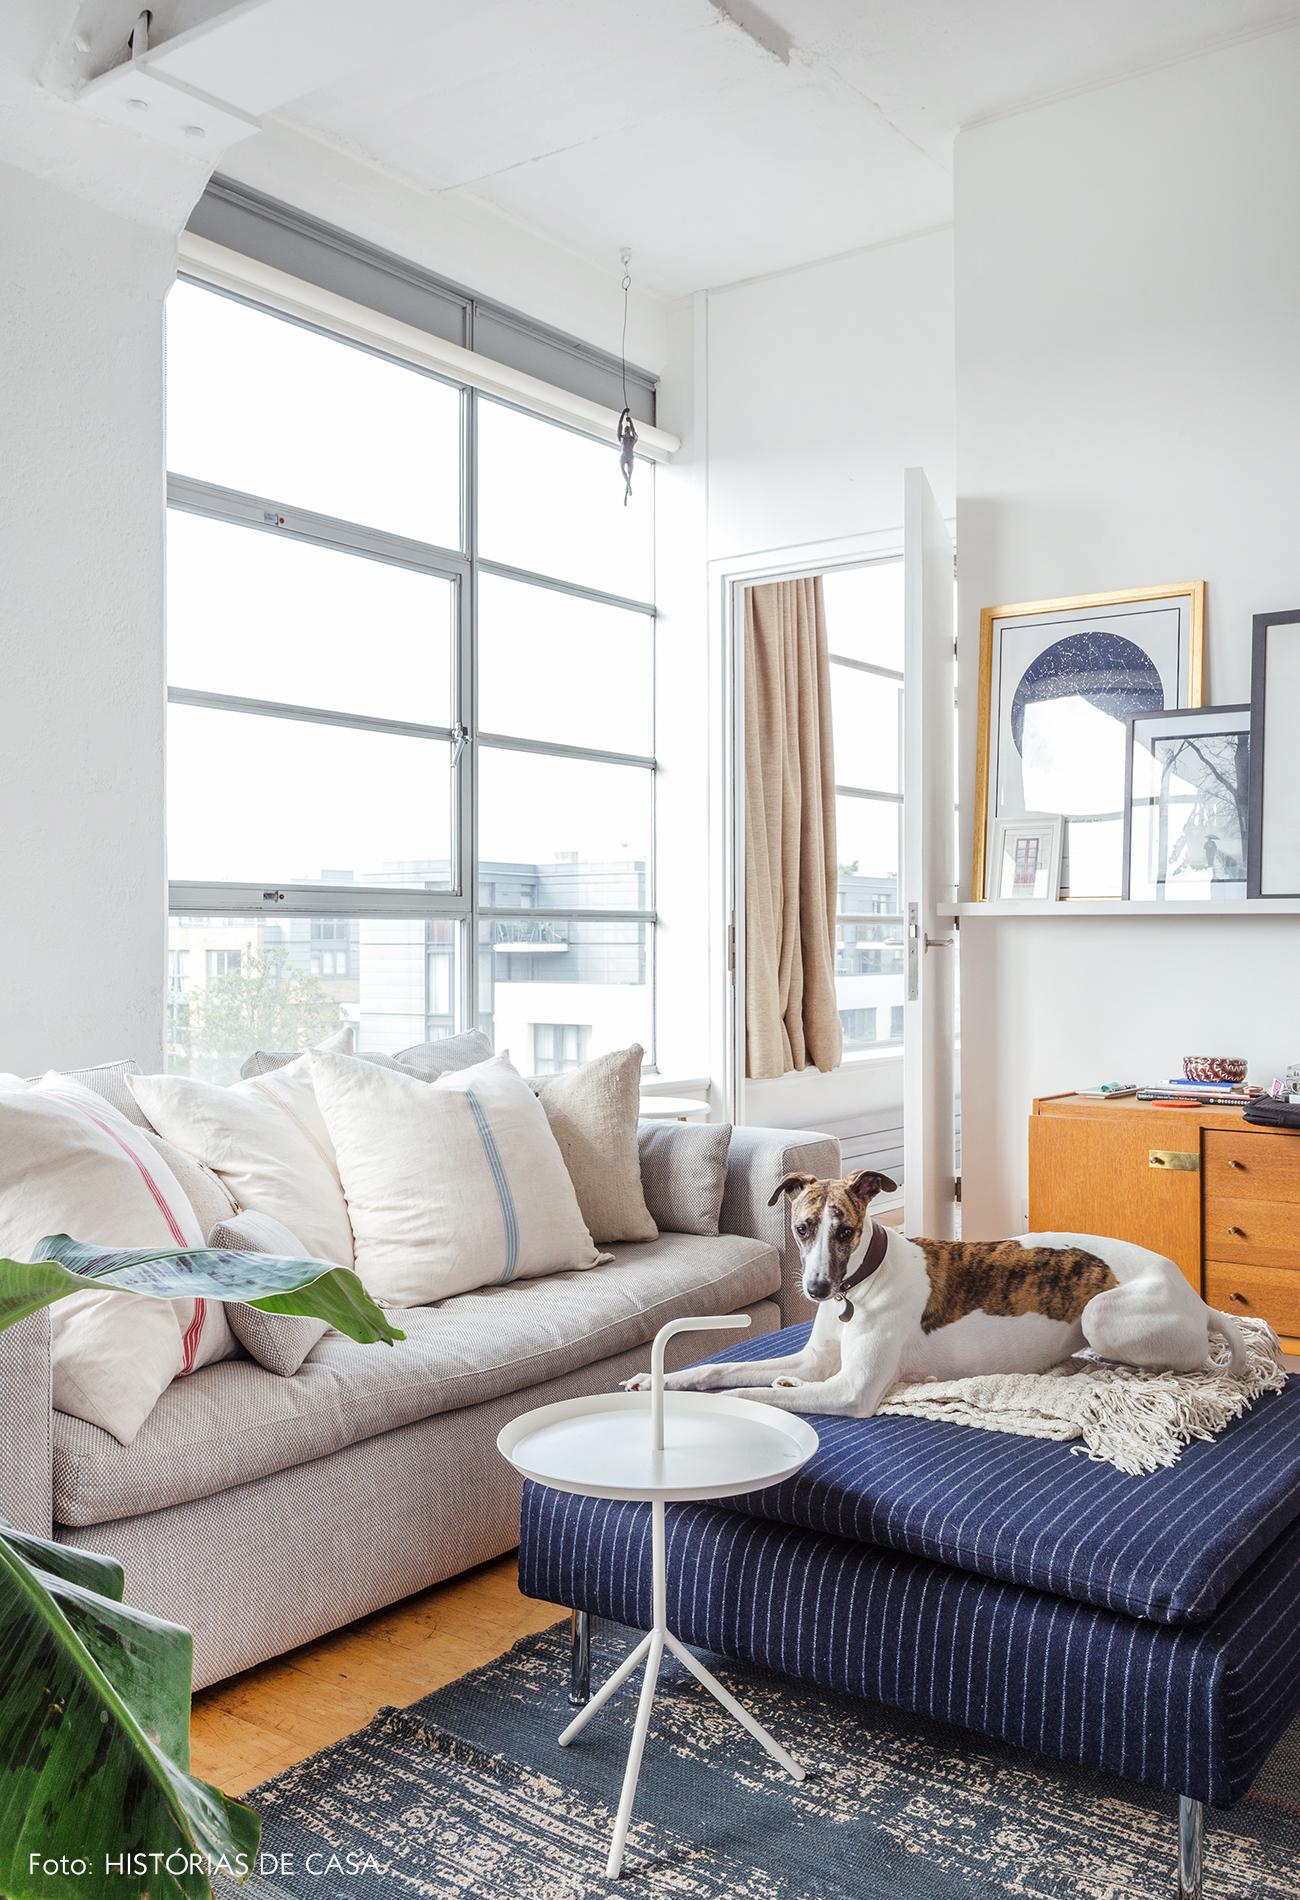 Sala com sofá bege, pufe azul e móveis vintage